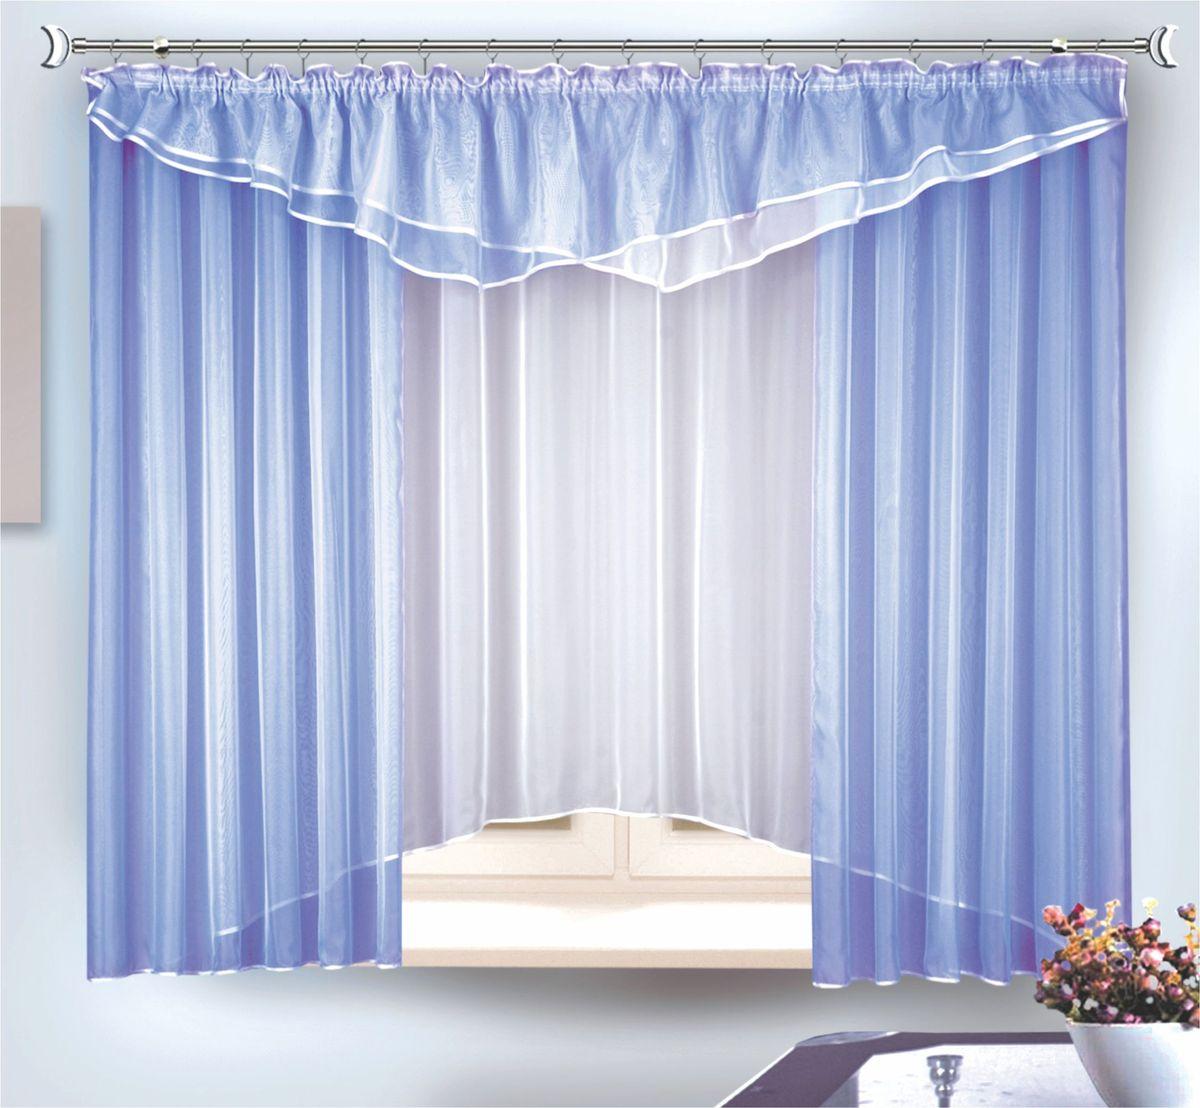 Комплект штор для кухни Zlata Korunka, на ленте, цвет: голубой, высота 180 см. 3333833338Комплект штор на шторной лентеРазмер: тюль ширина 290 x высота 180, шторы - ширина 290 x высота 170 + ламбрекен - ширина 290 x высота 50